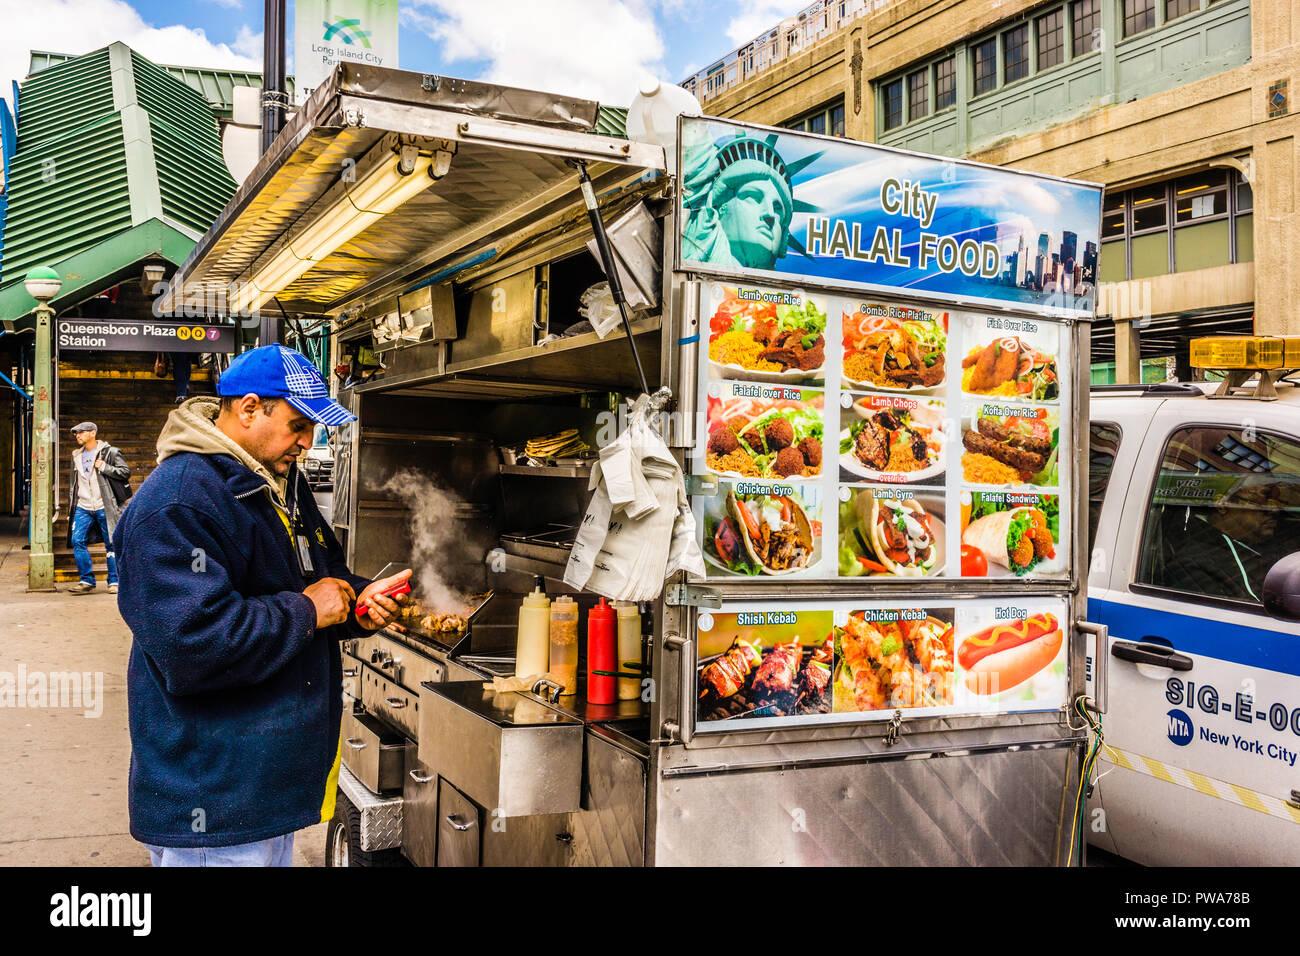 Halal Food Vendor Queensboro Plaza Subway Station Long